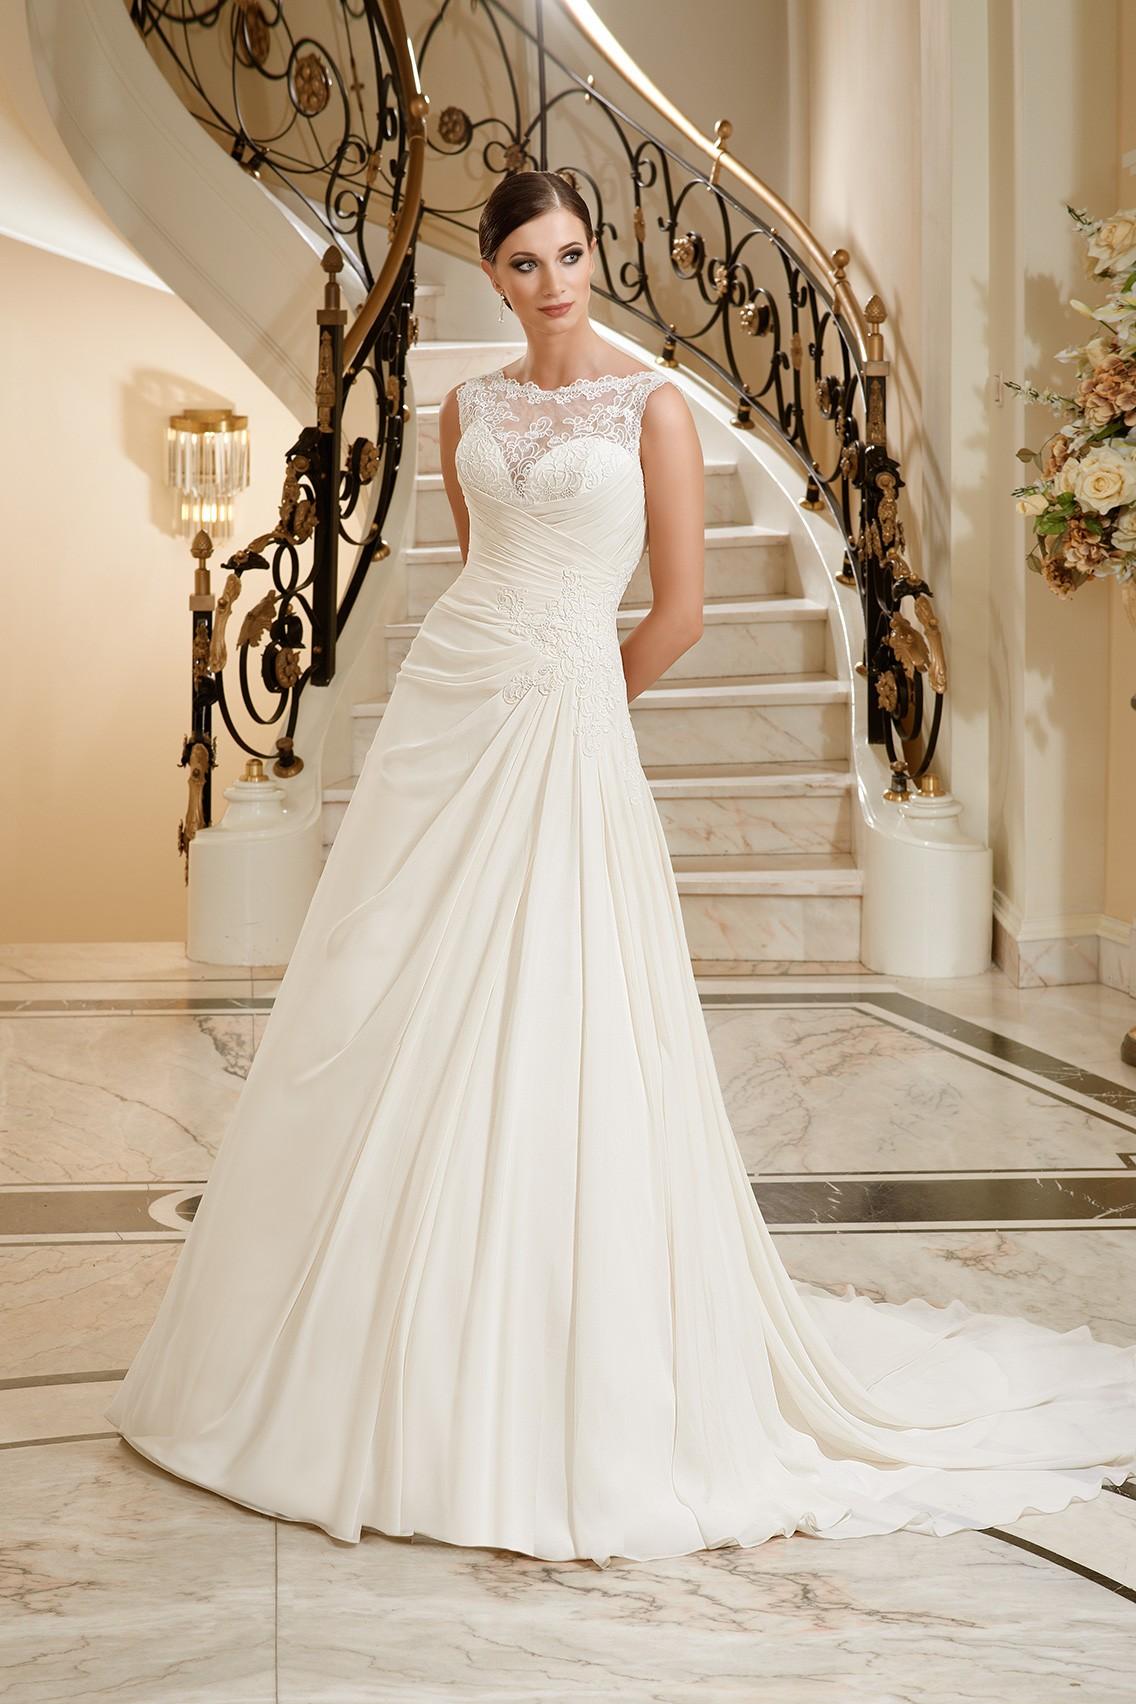 بالصور صور فساتين عرايس , ليلة زفاف ساحرة 371 3